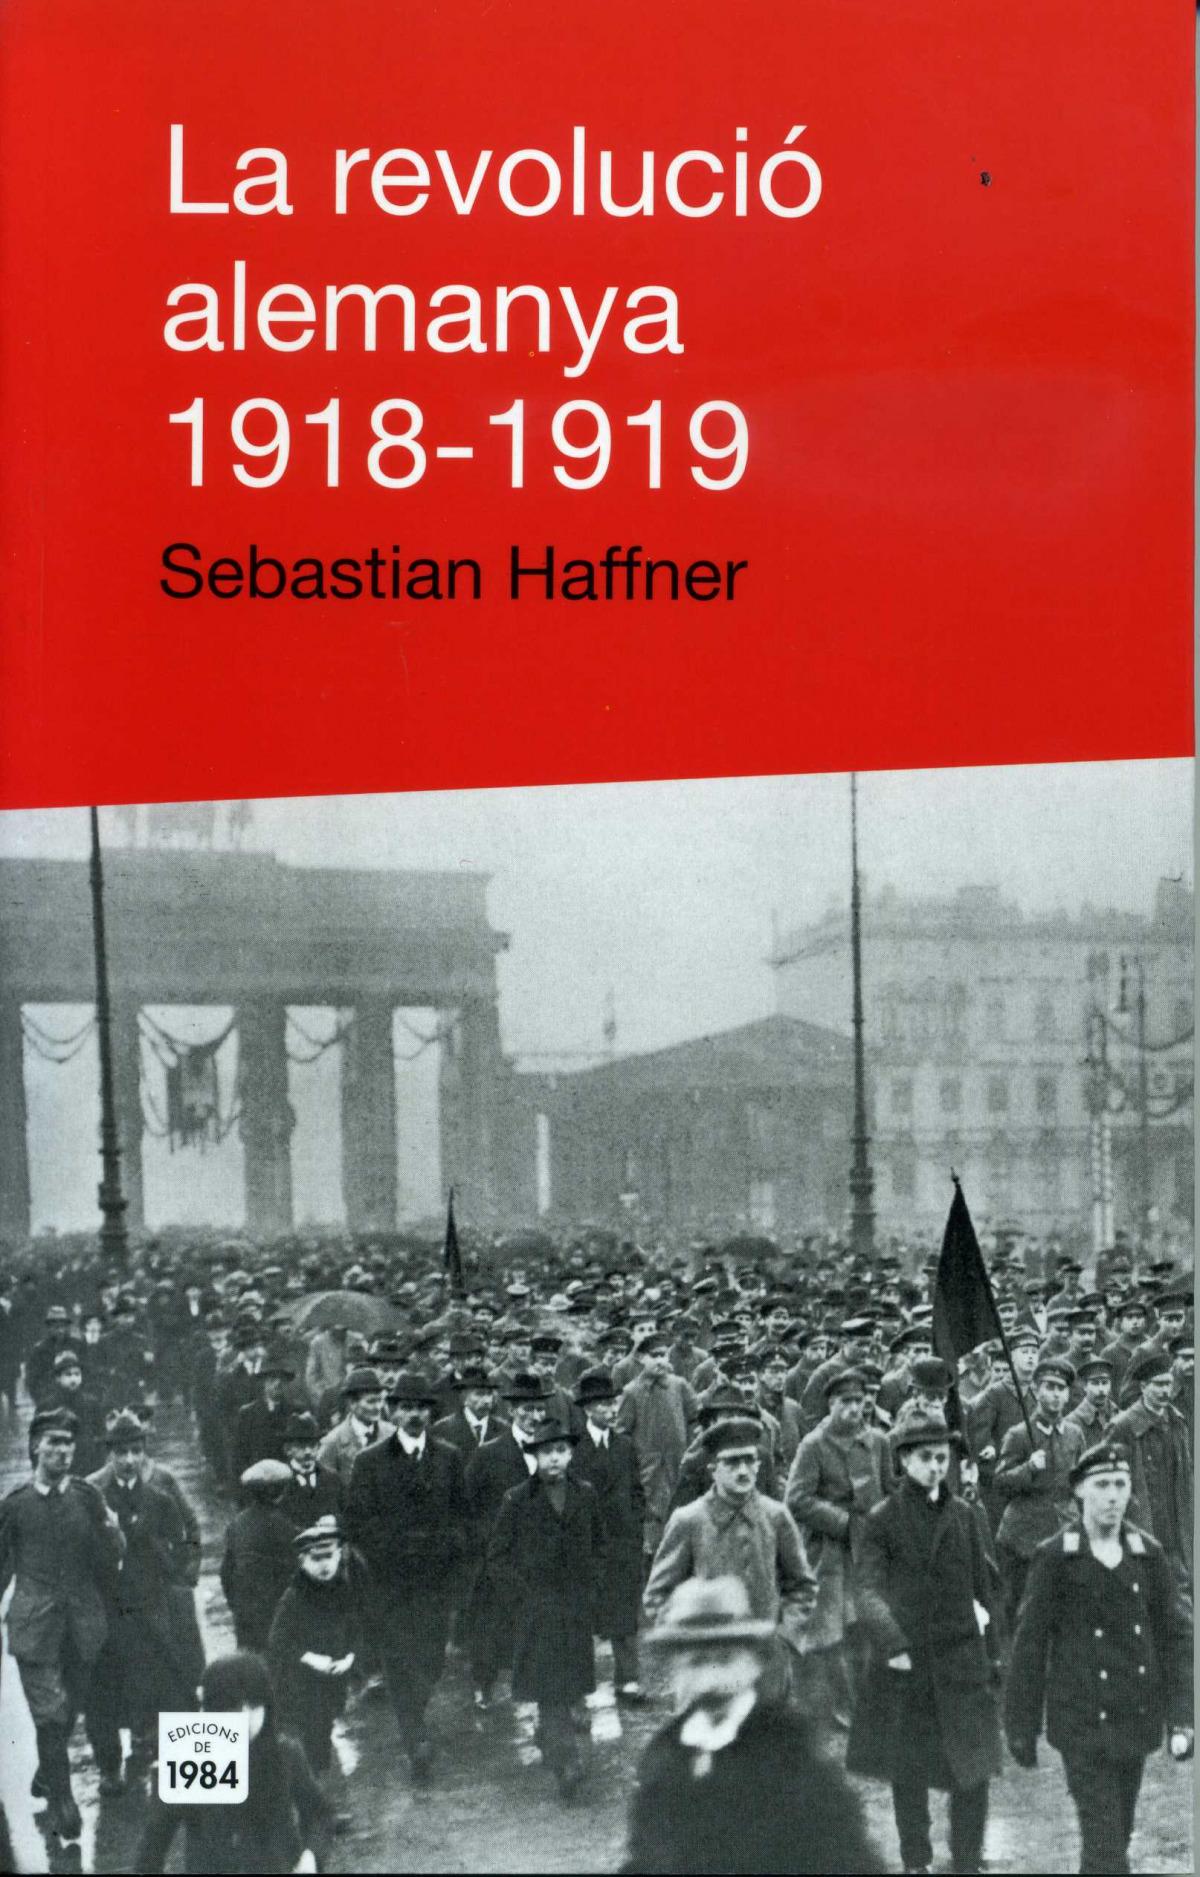 La revolució alemanya 1918-1919